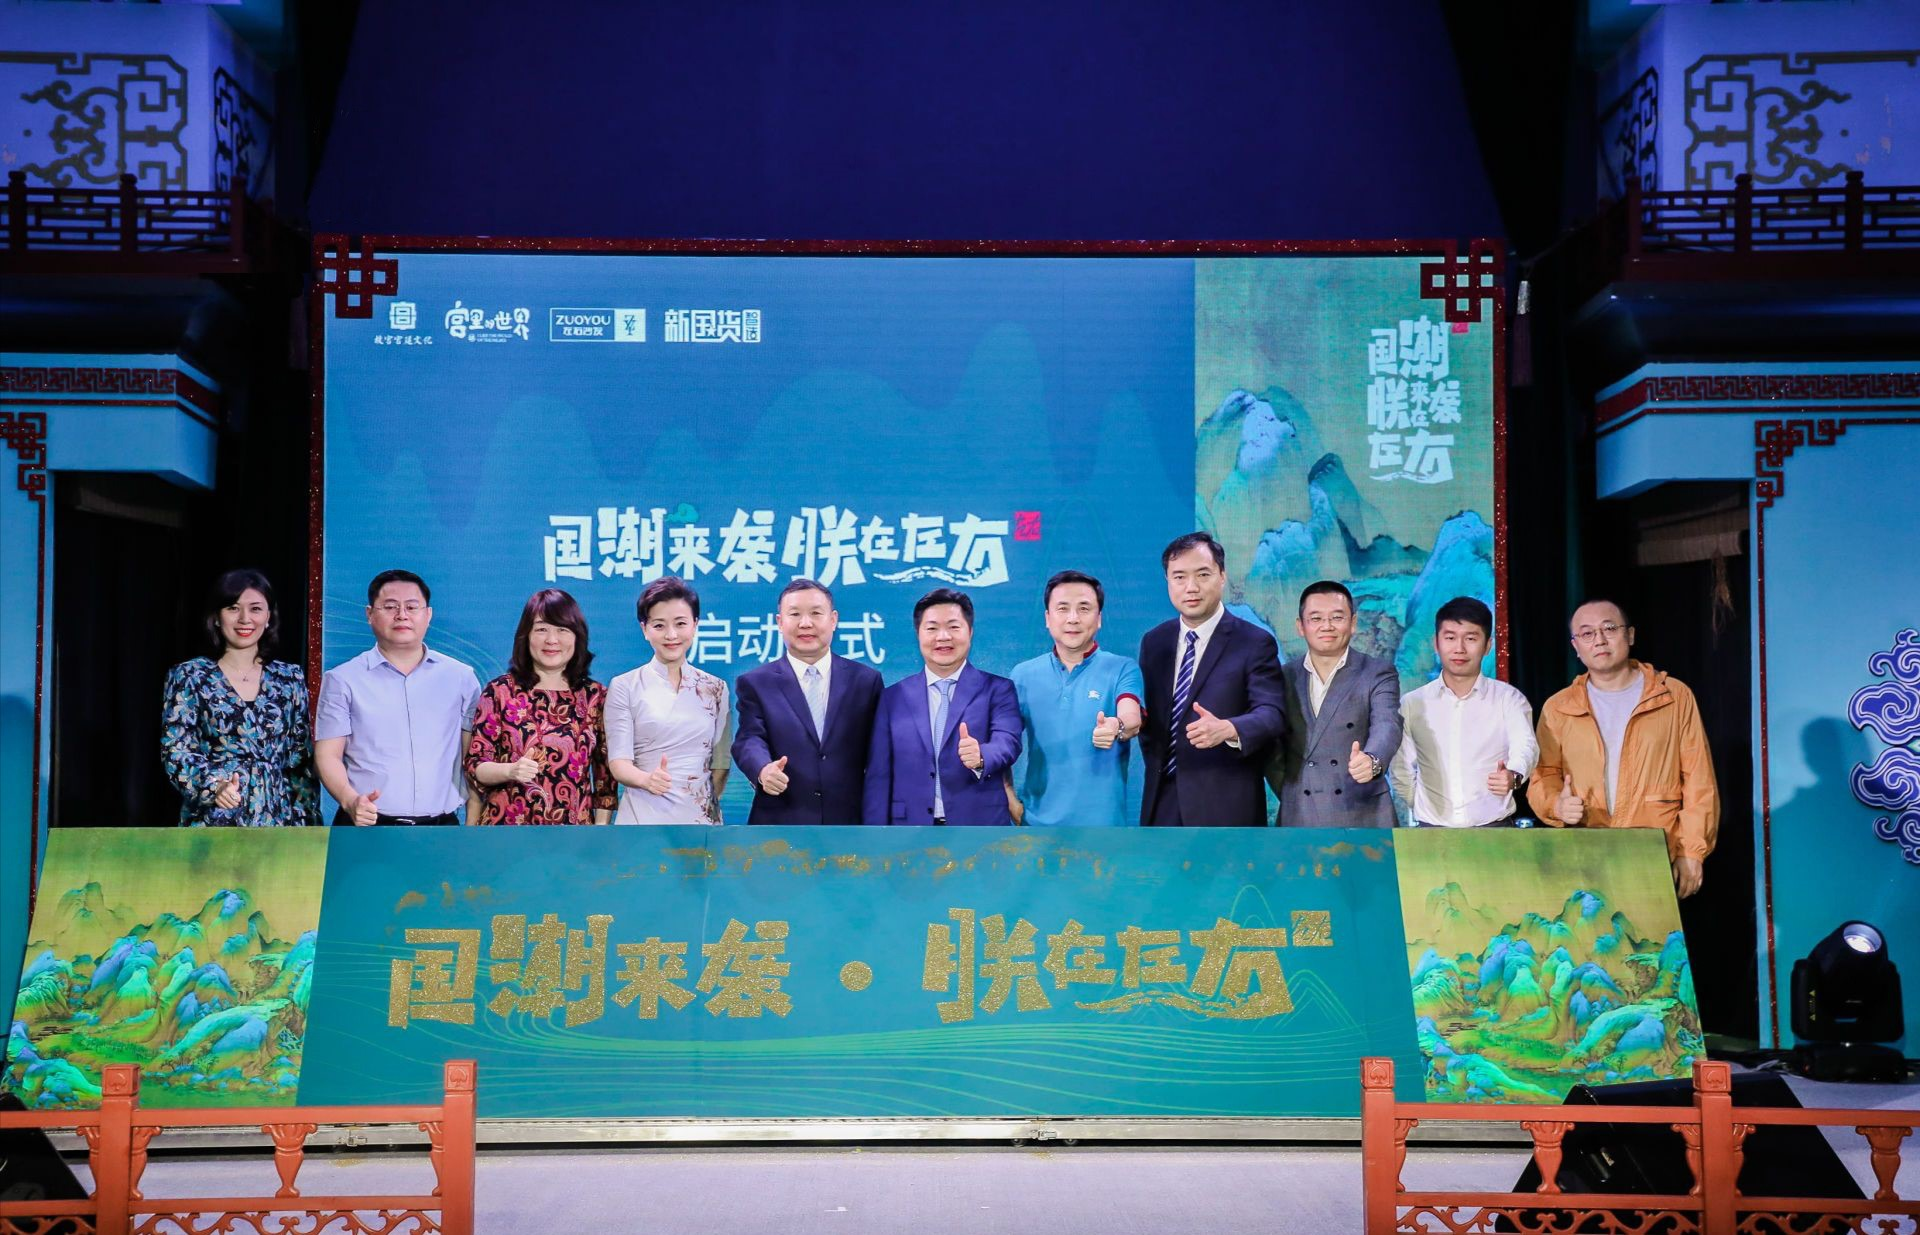 故宫宫廷文化×左右沙发发布联名系列产品 京东成全网首发平台